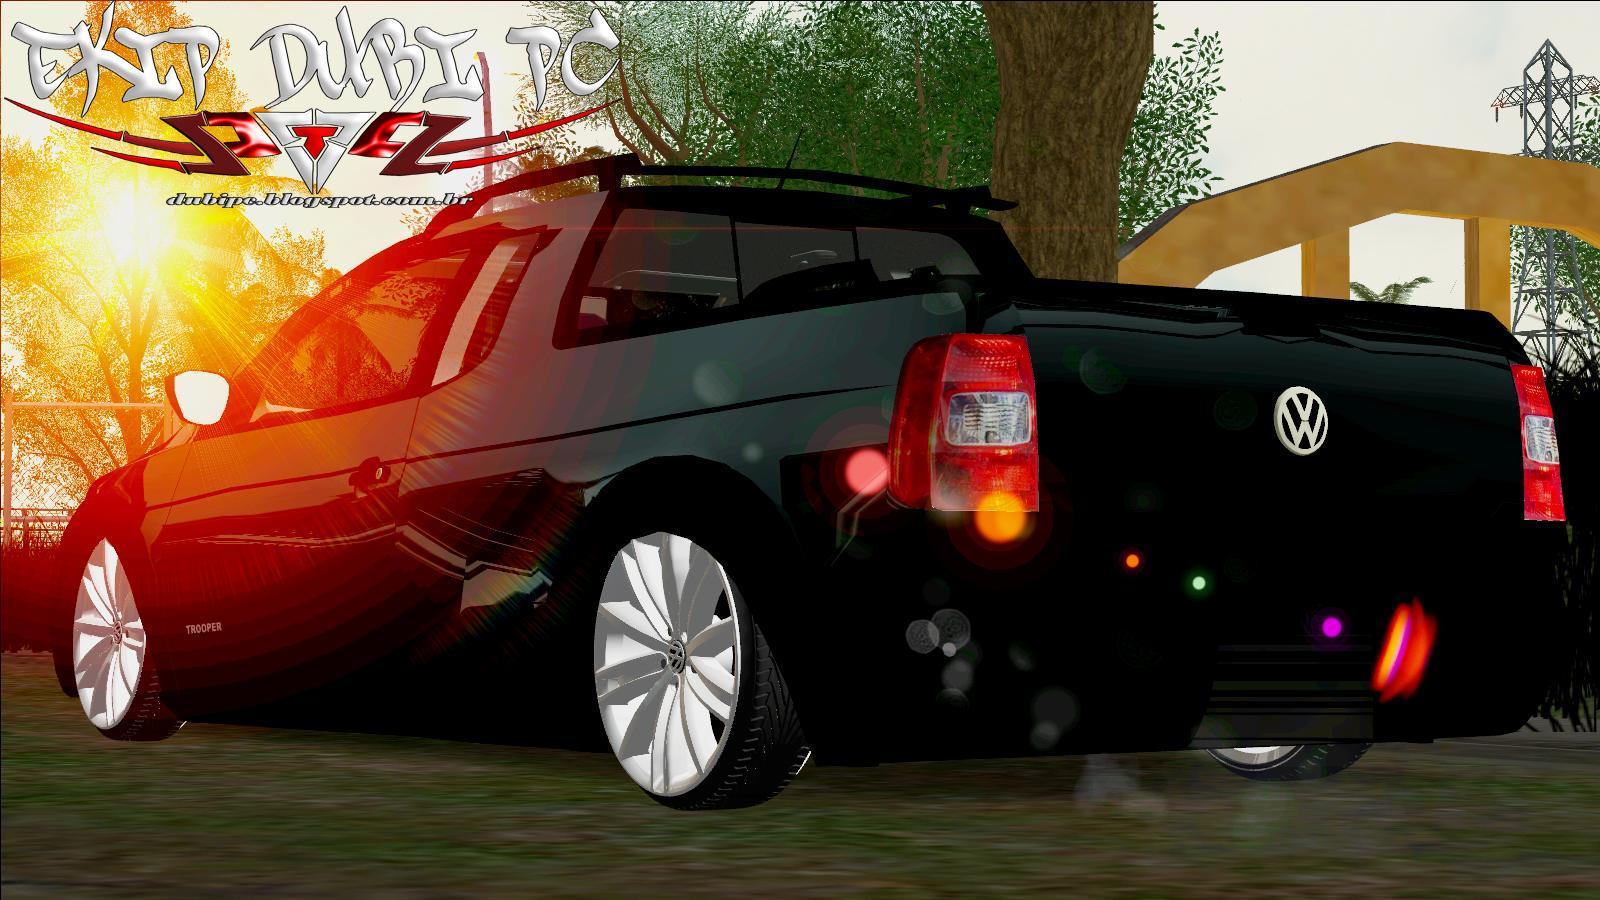 ANDREAS SAN BAIXAR SOCADOS CARROS PARA GTA PC